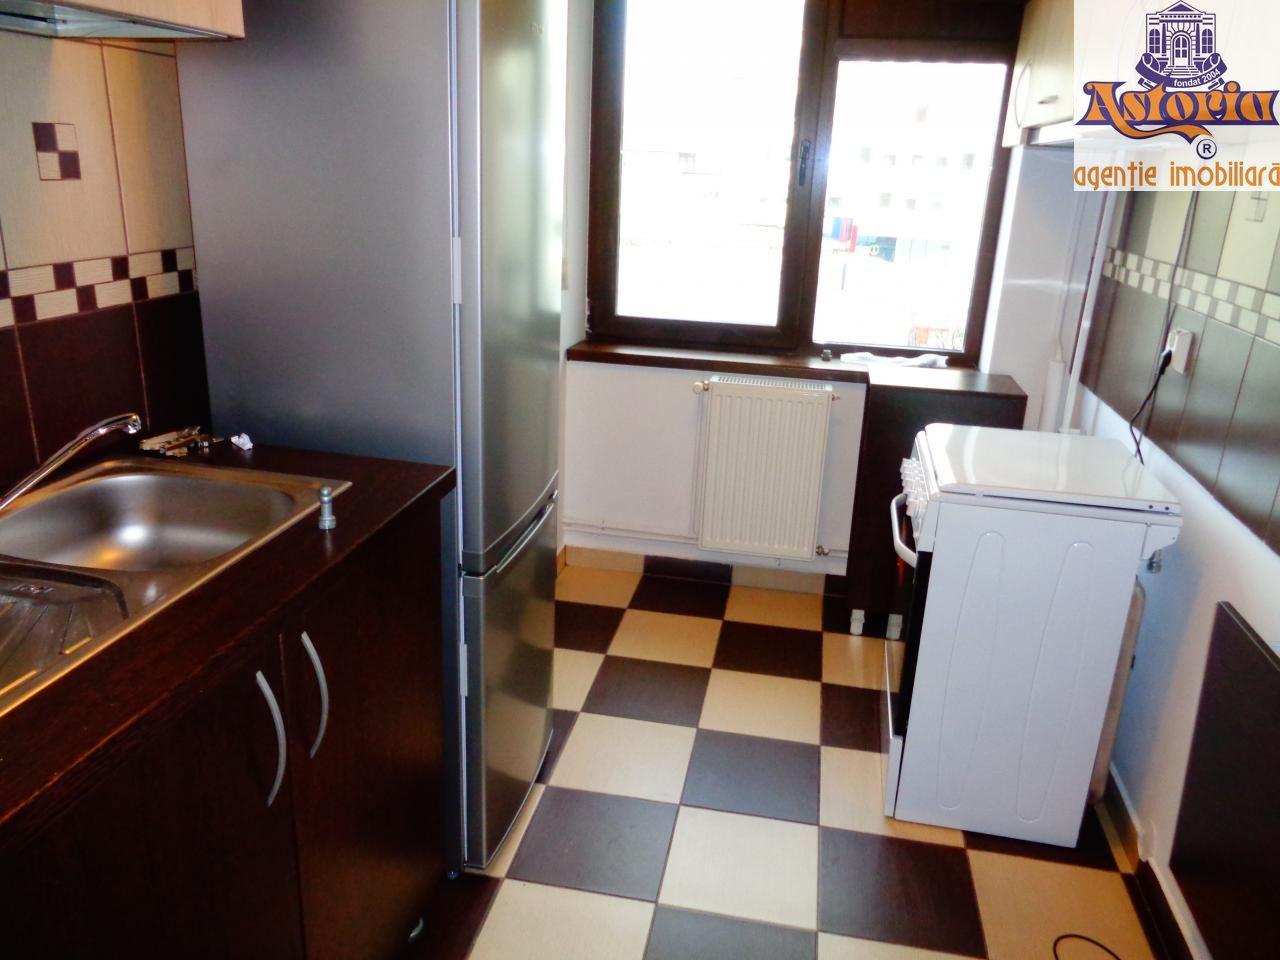 Apartament de inchiriat, Pitesti, Arges, Banat - Foto 3